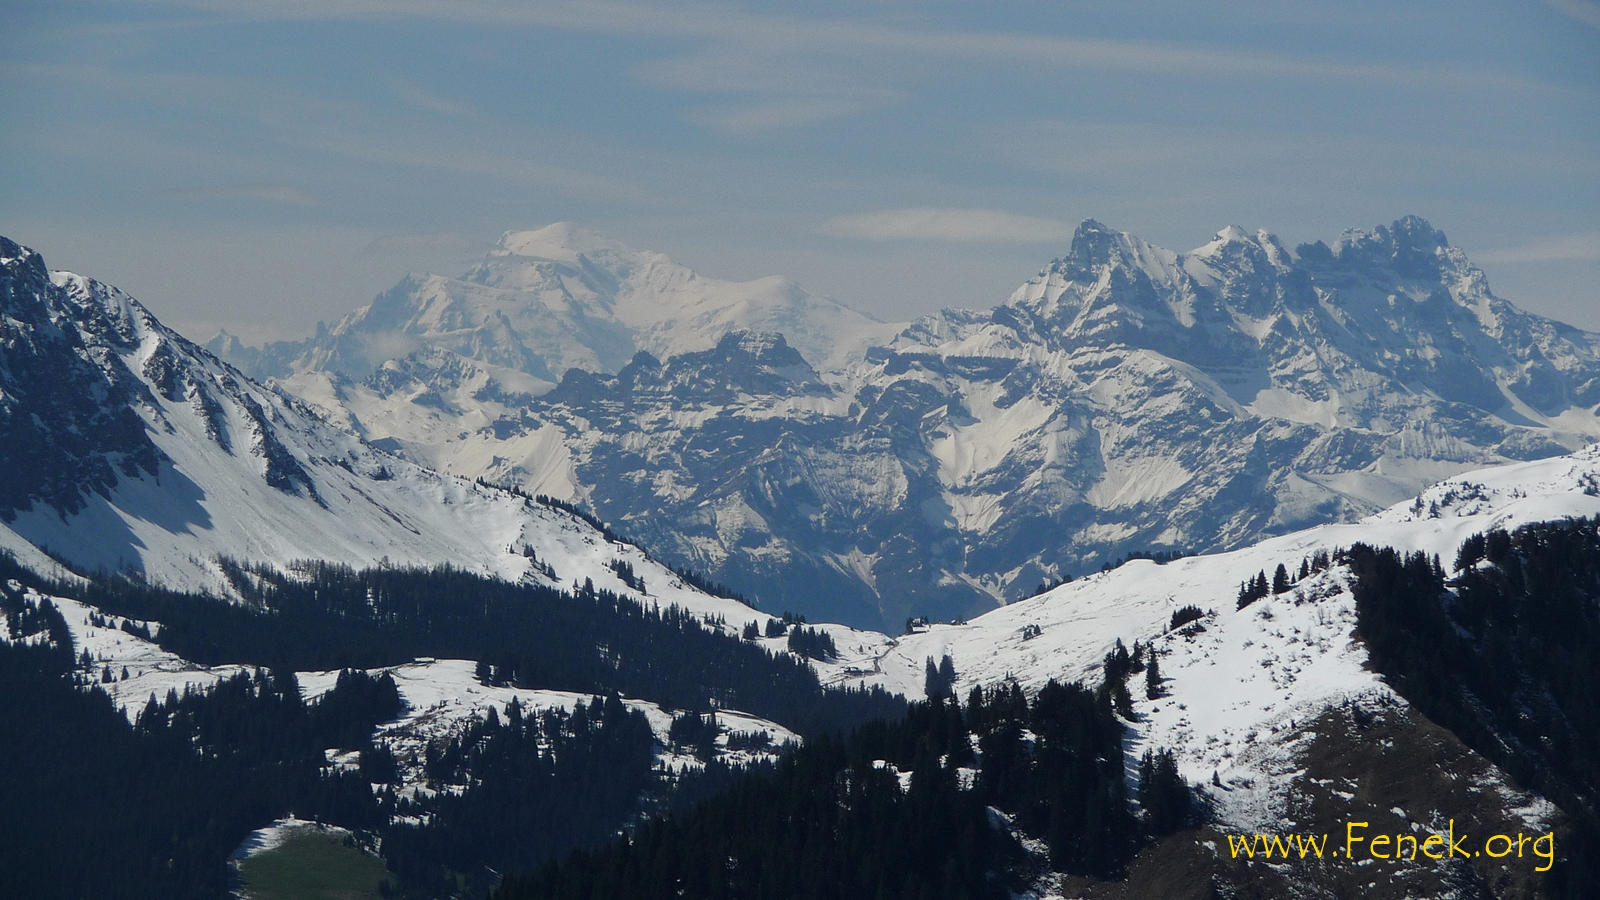 König der Alpen und Dents du Midi - auch ein Traumberg